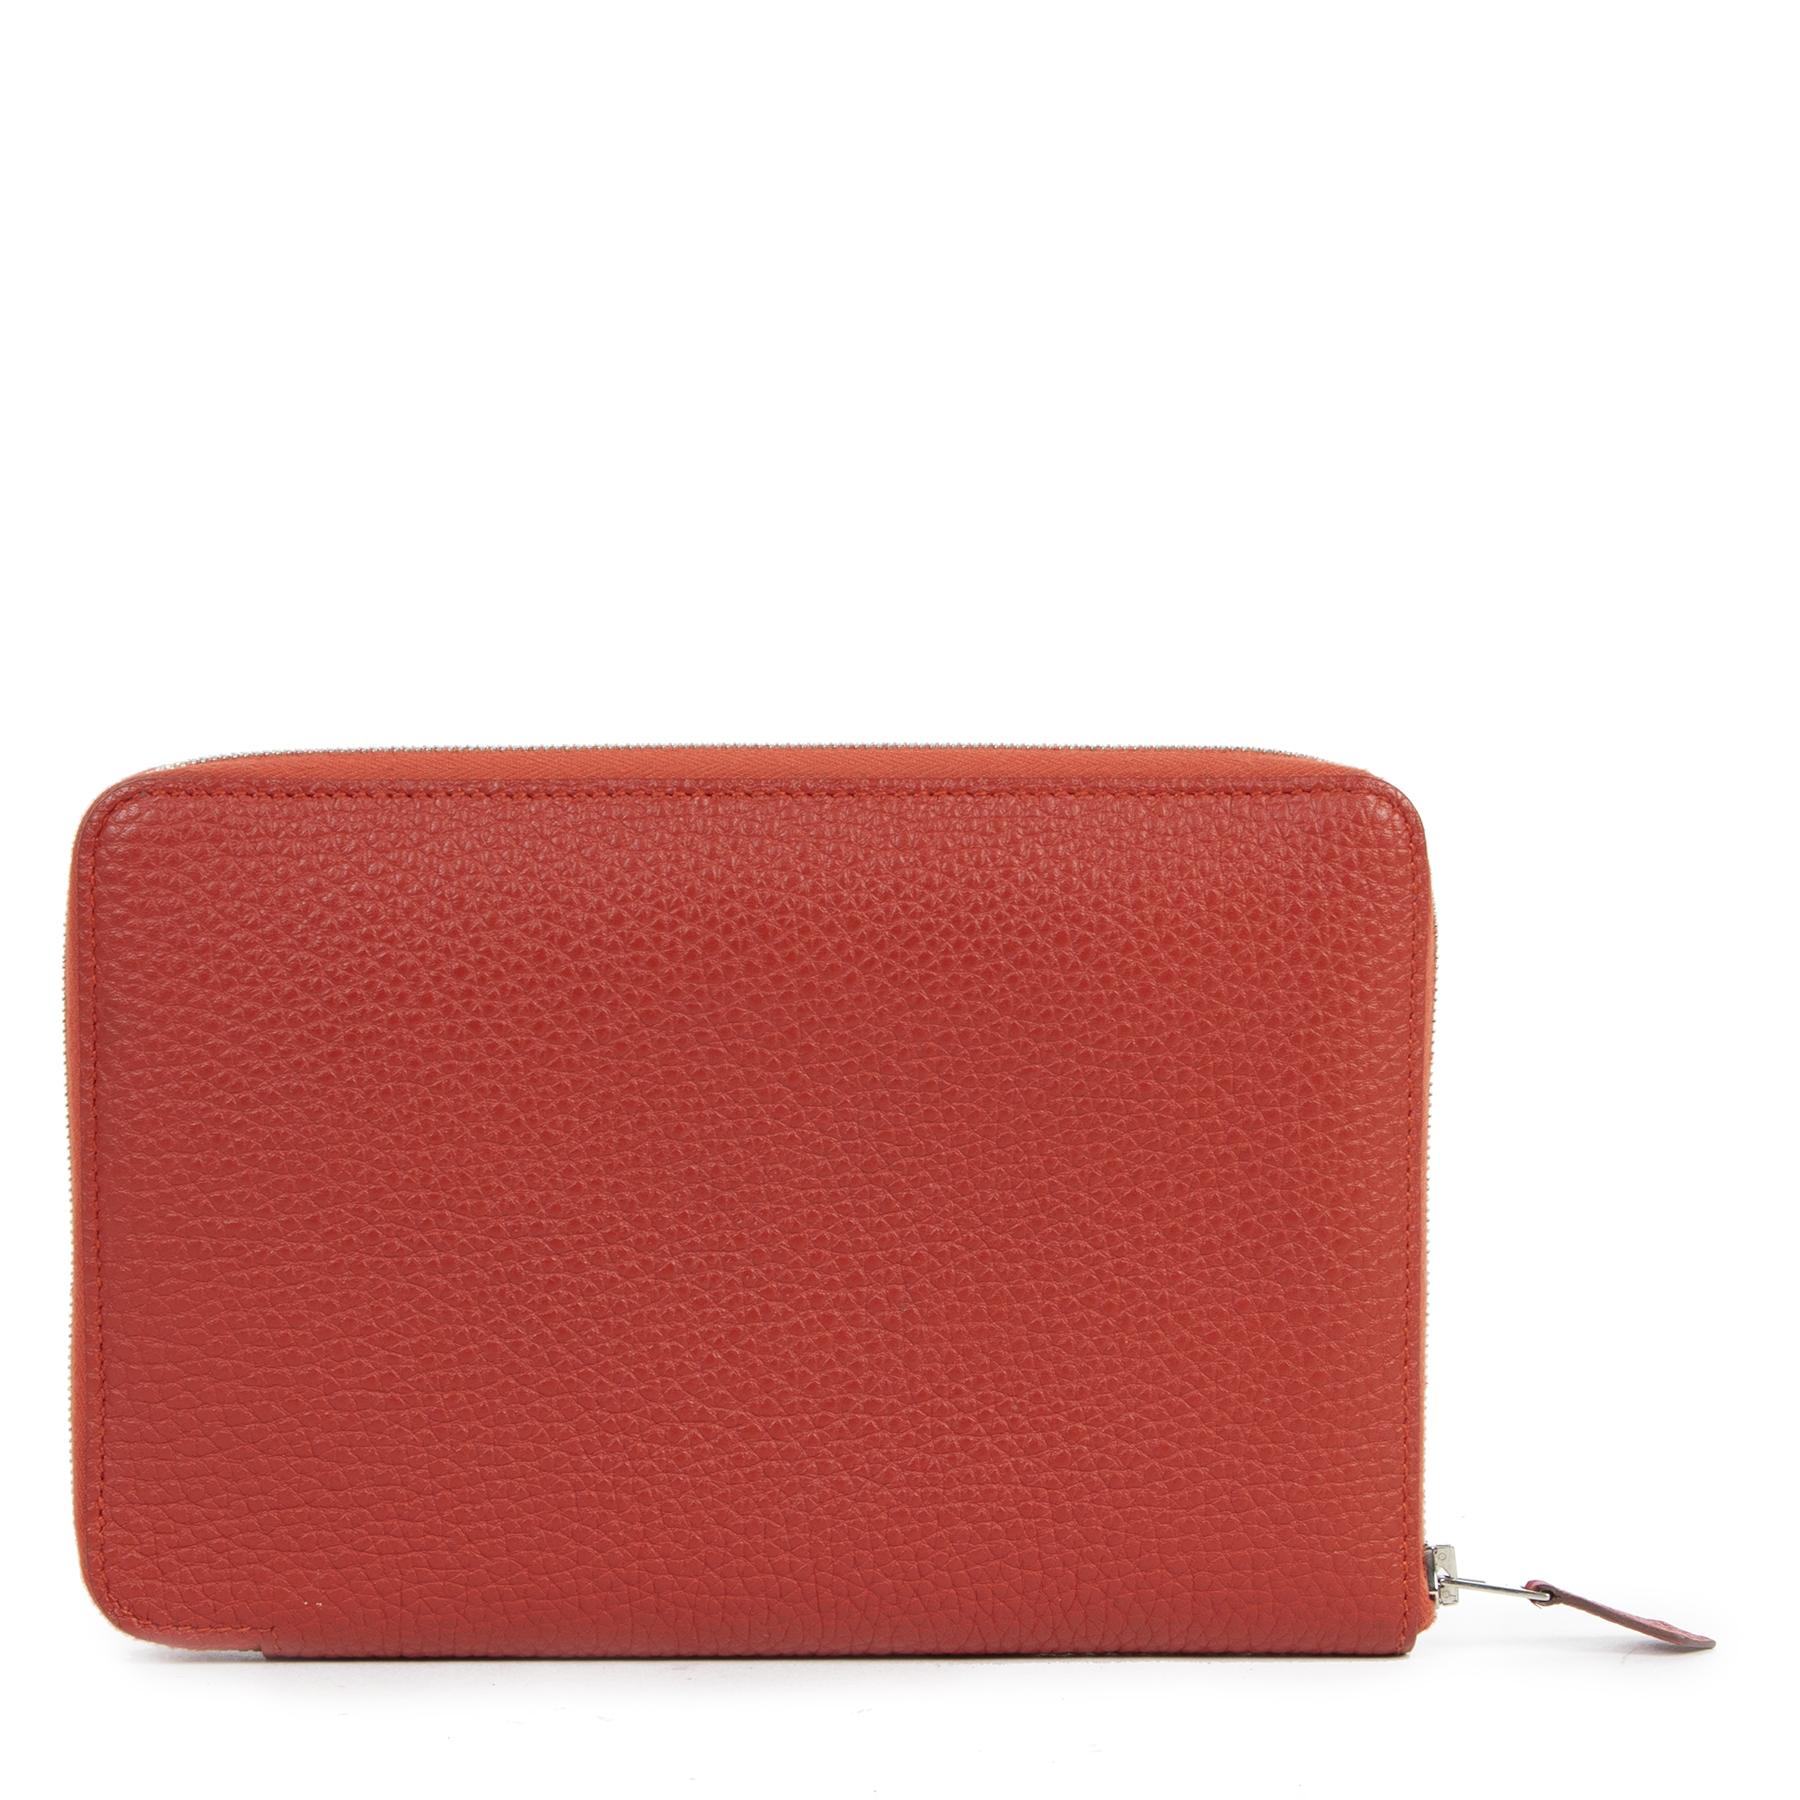 acheter en ligne seconde main Hermes Vermillon Azap Classique Wallet